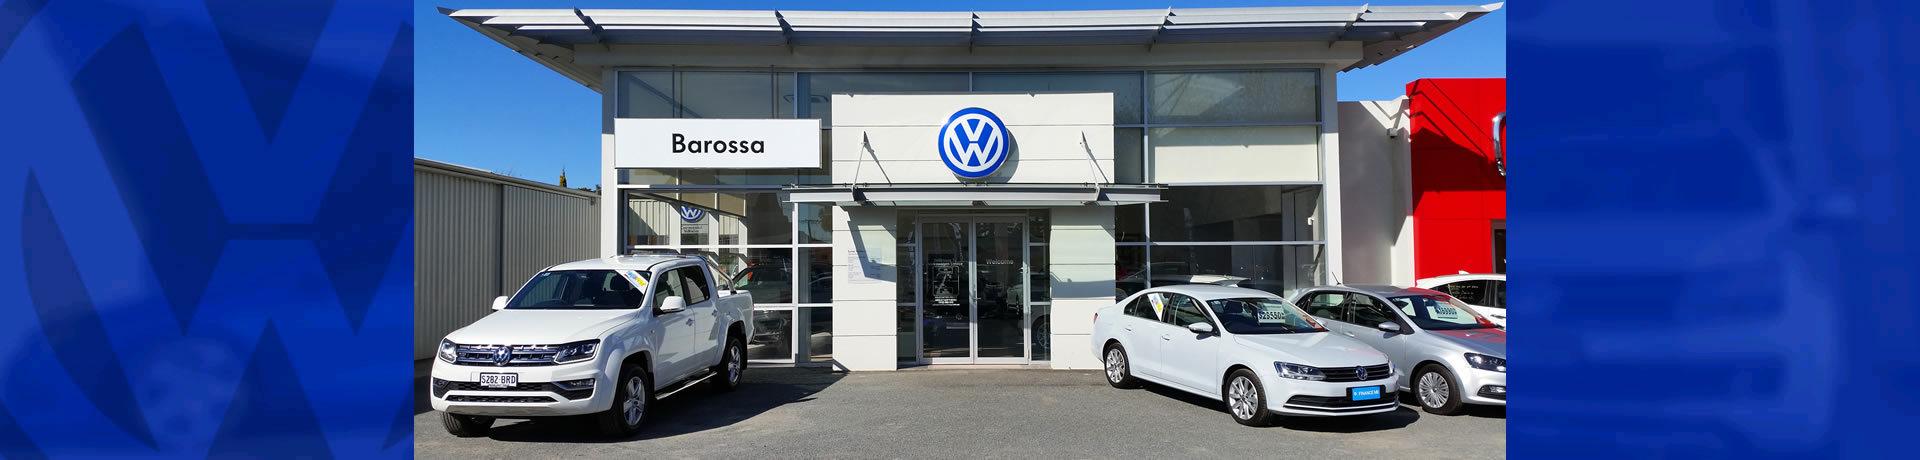 Barossa Volkswagen